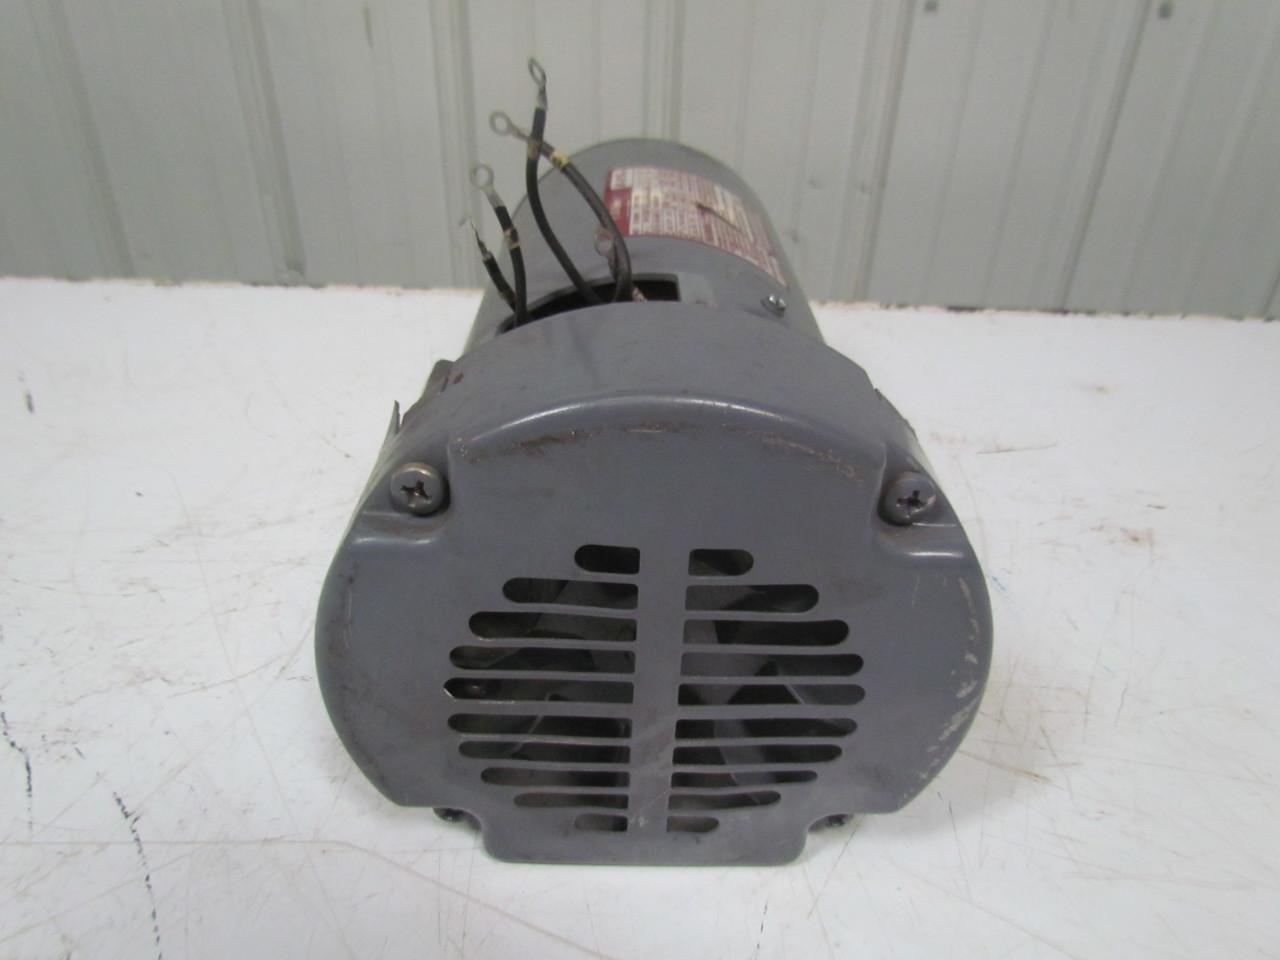 General Electric 5cd123pe001b K 3 Dc Electric Motor 1 5hp